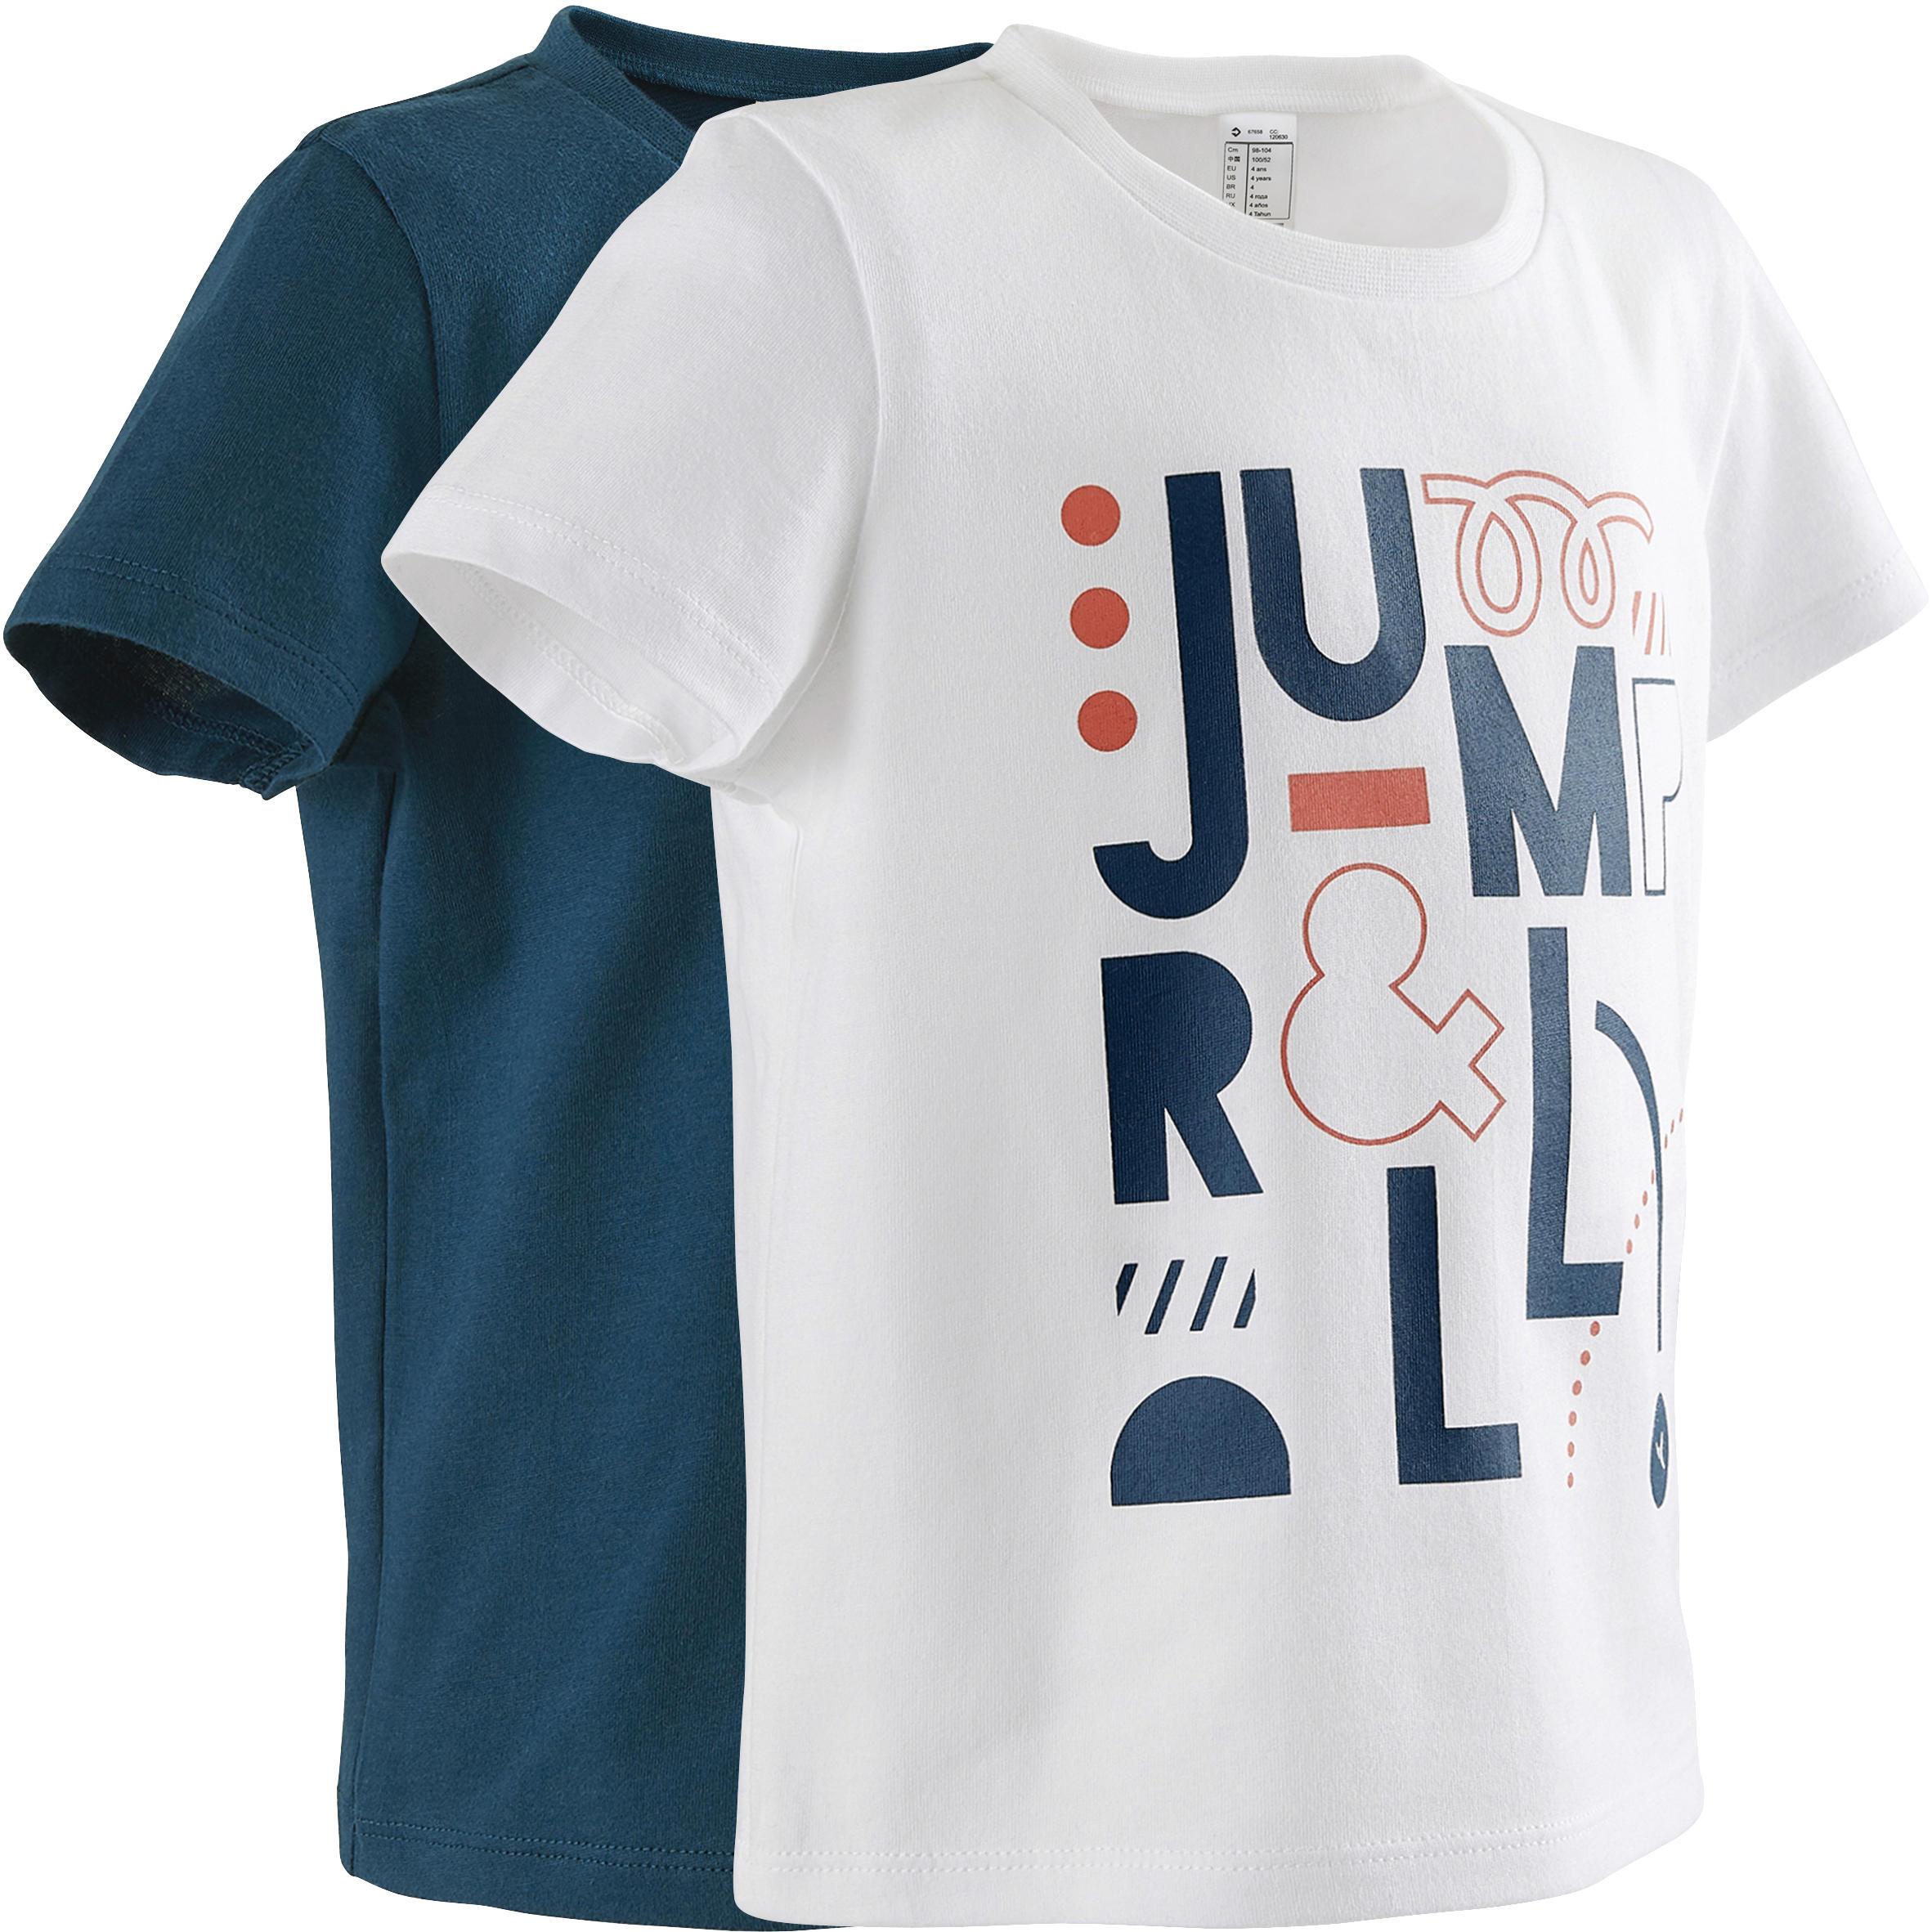 Domyos T-shirt met korte mouwen 100 set van 2